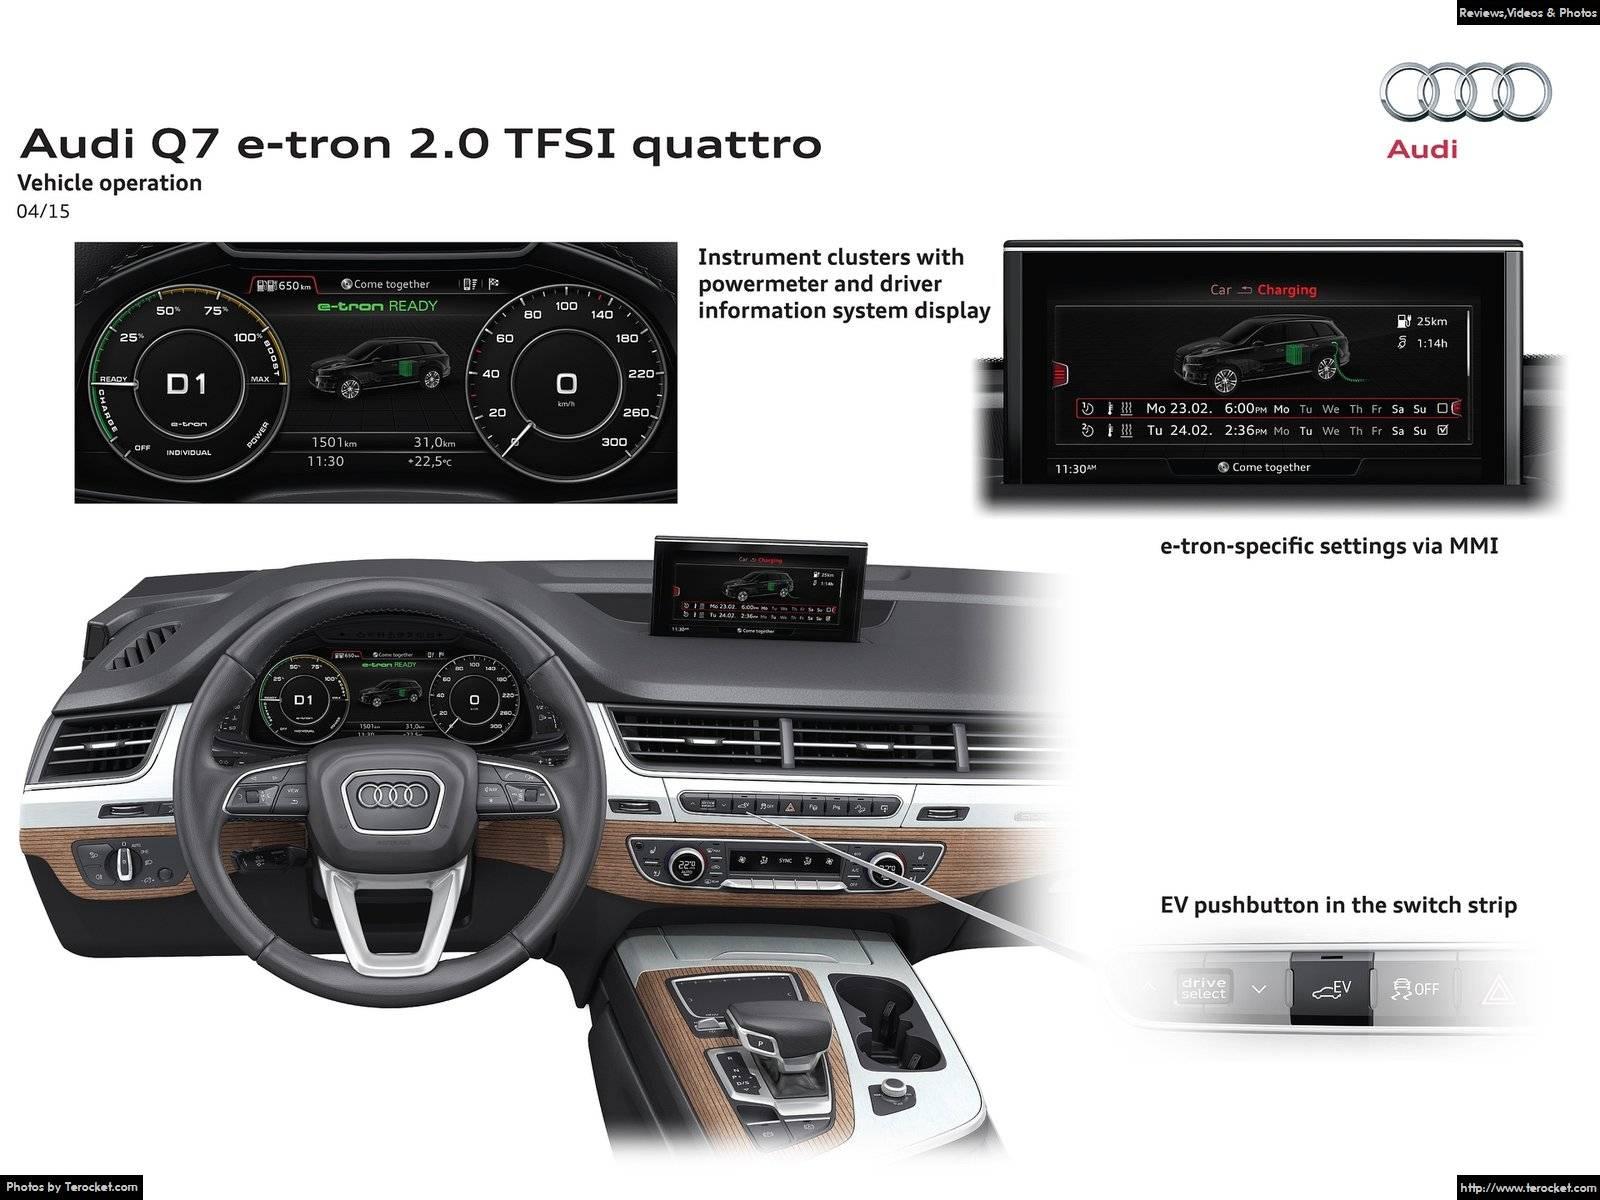 Hình ảnh xe ô tô Audi Q7 e-tron 2.0 TFSI quattro 2017 & nội ngoại thất